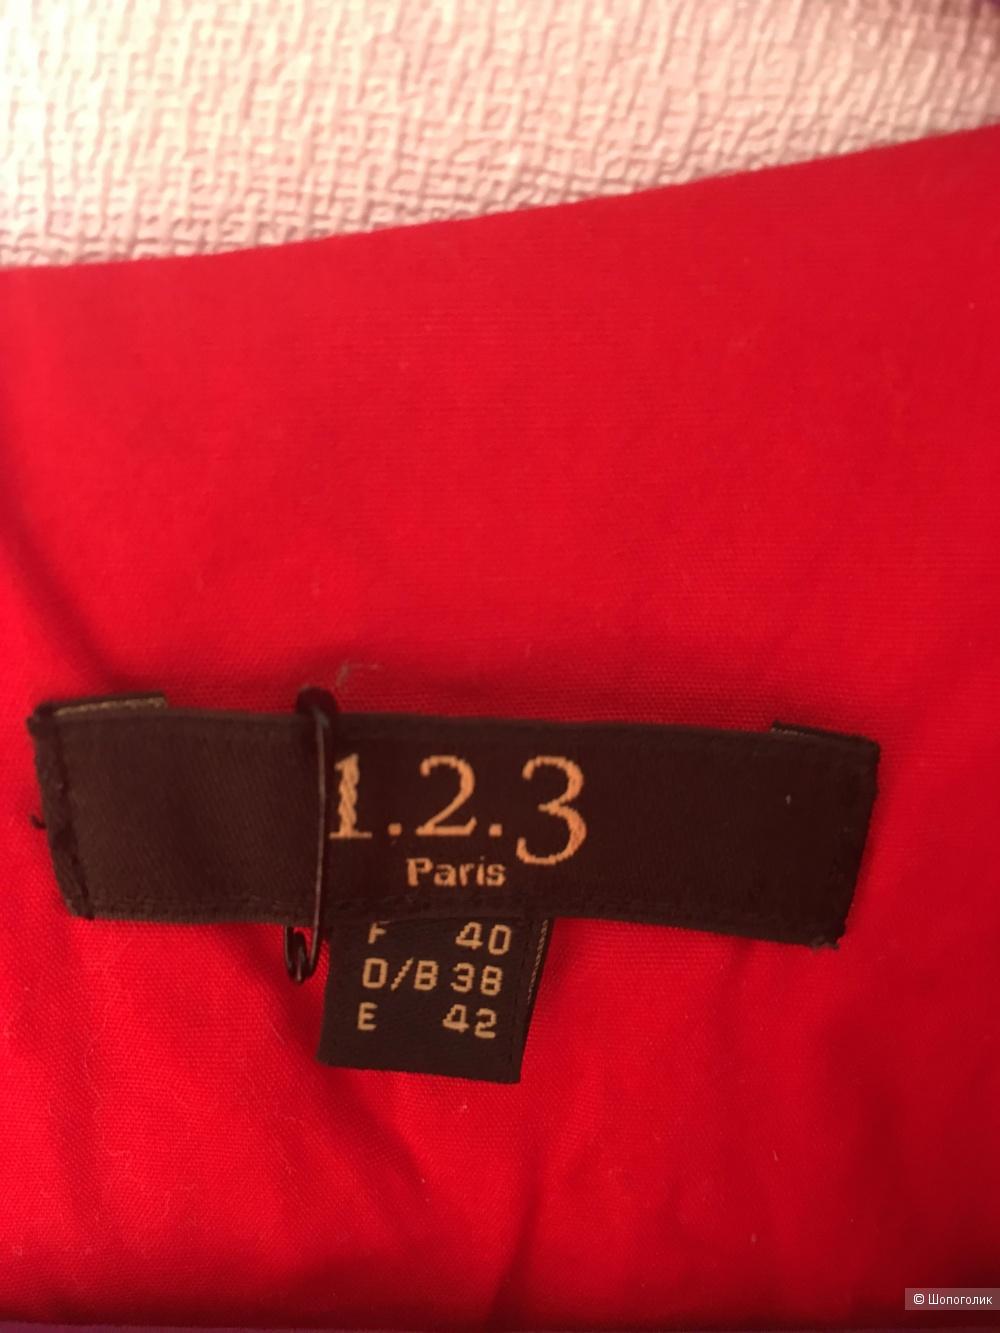 Платье 1.2.3 Paris, размер франц.40, рус. 44-46, М